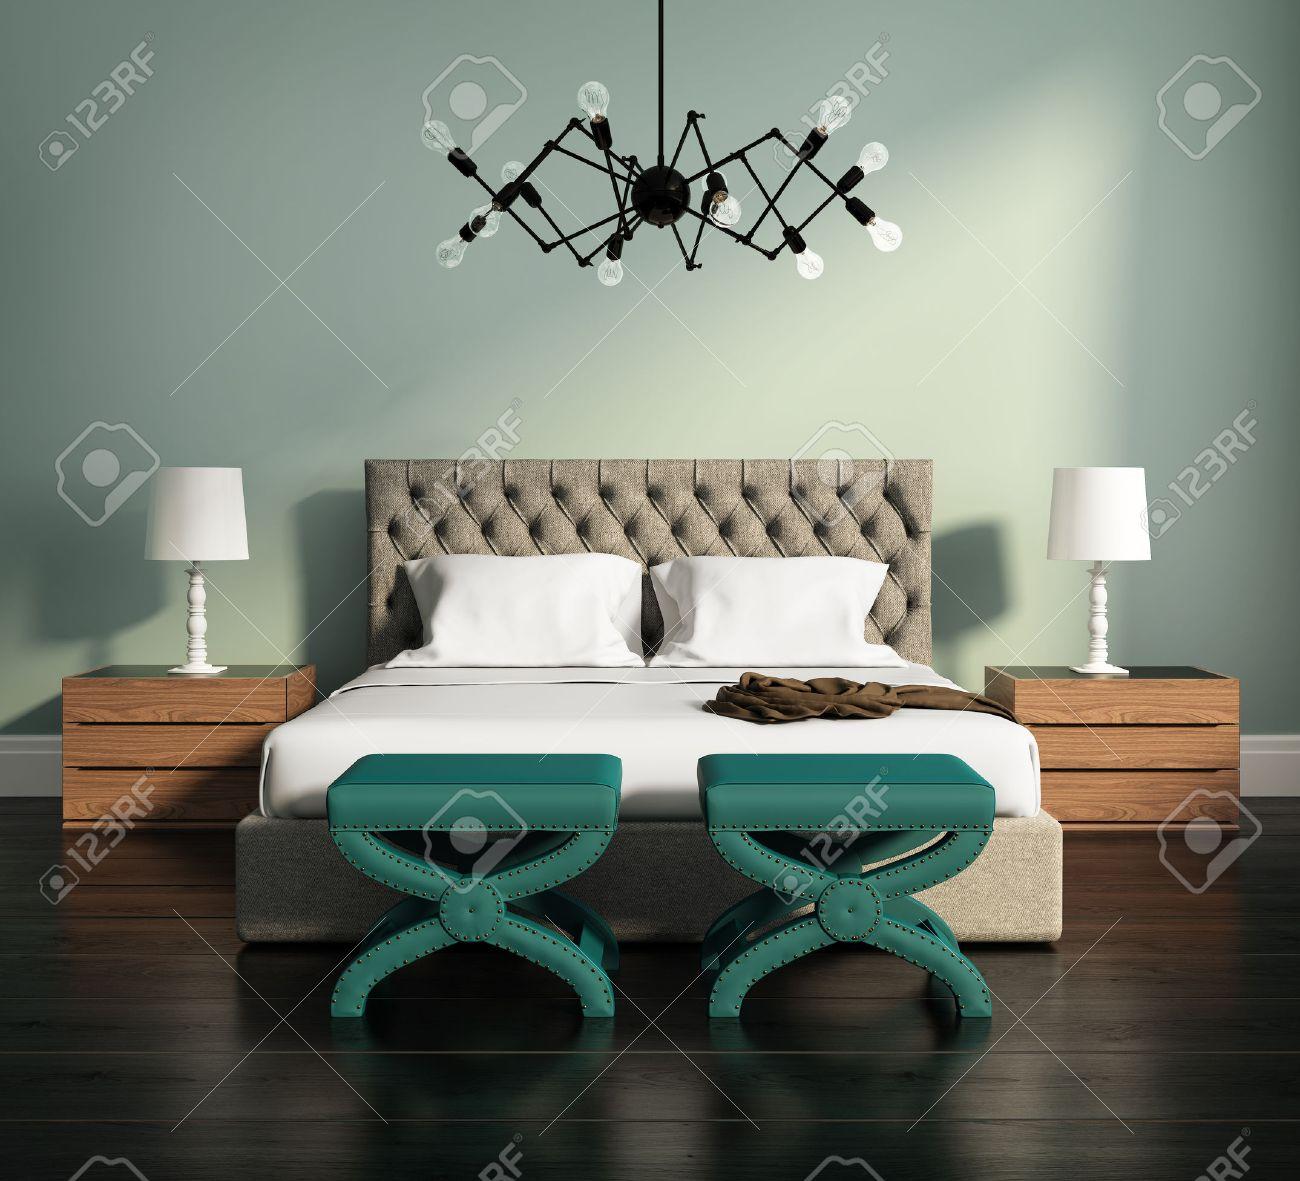 Moderne Elegante Grüne Luxus-Schlafzimmer Mit Hocker Und Lederbett ...